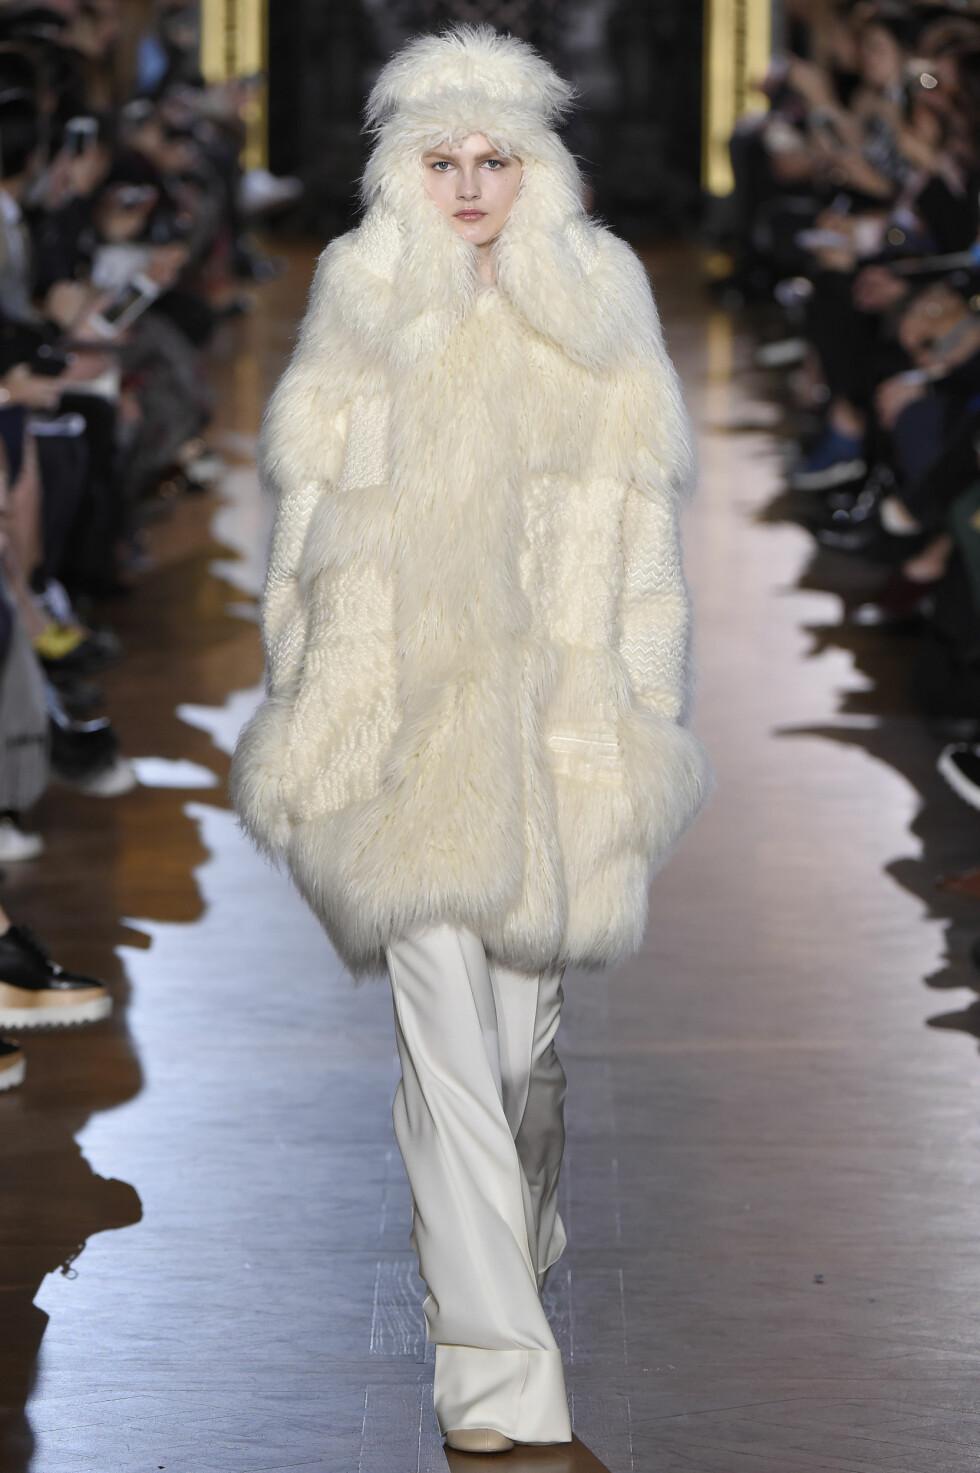 LÅRKORT MODELL: Stella McCartneys mål med den pelsfrie pelsen, er å vise oss at vi ikke trenger å kle oss i ekte pels.   Foto: Splash News/ All Over Press